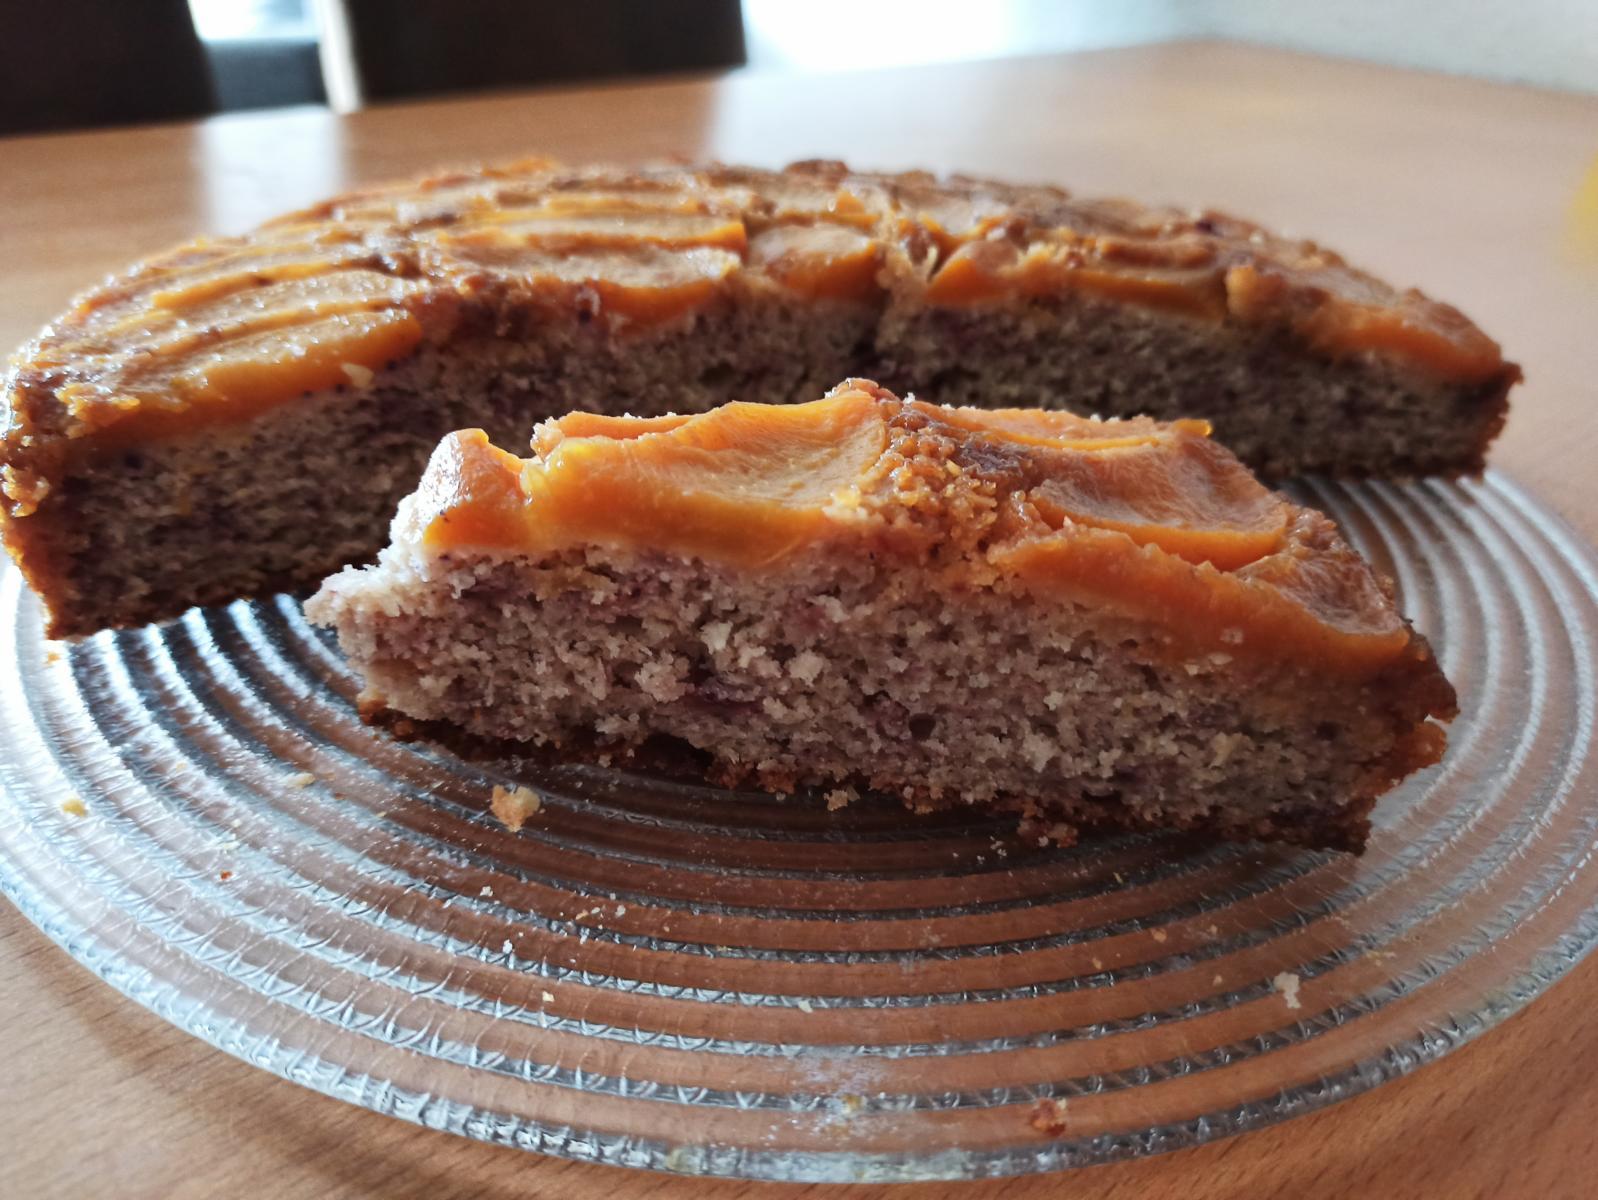 K1600_Pfirsischkuchen upside (1)